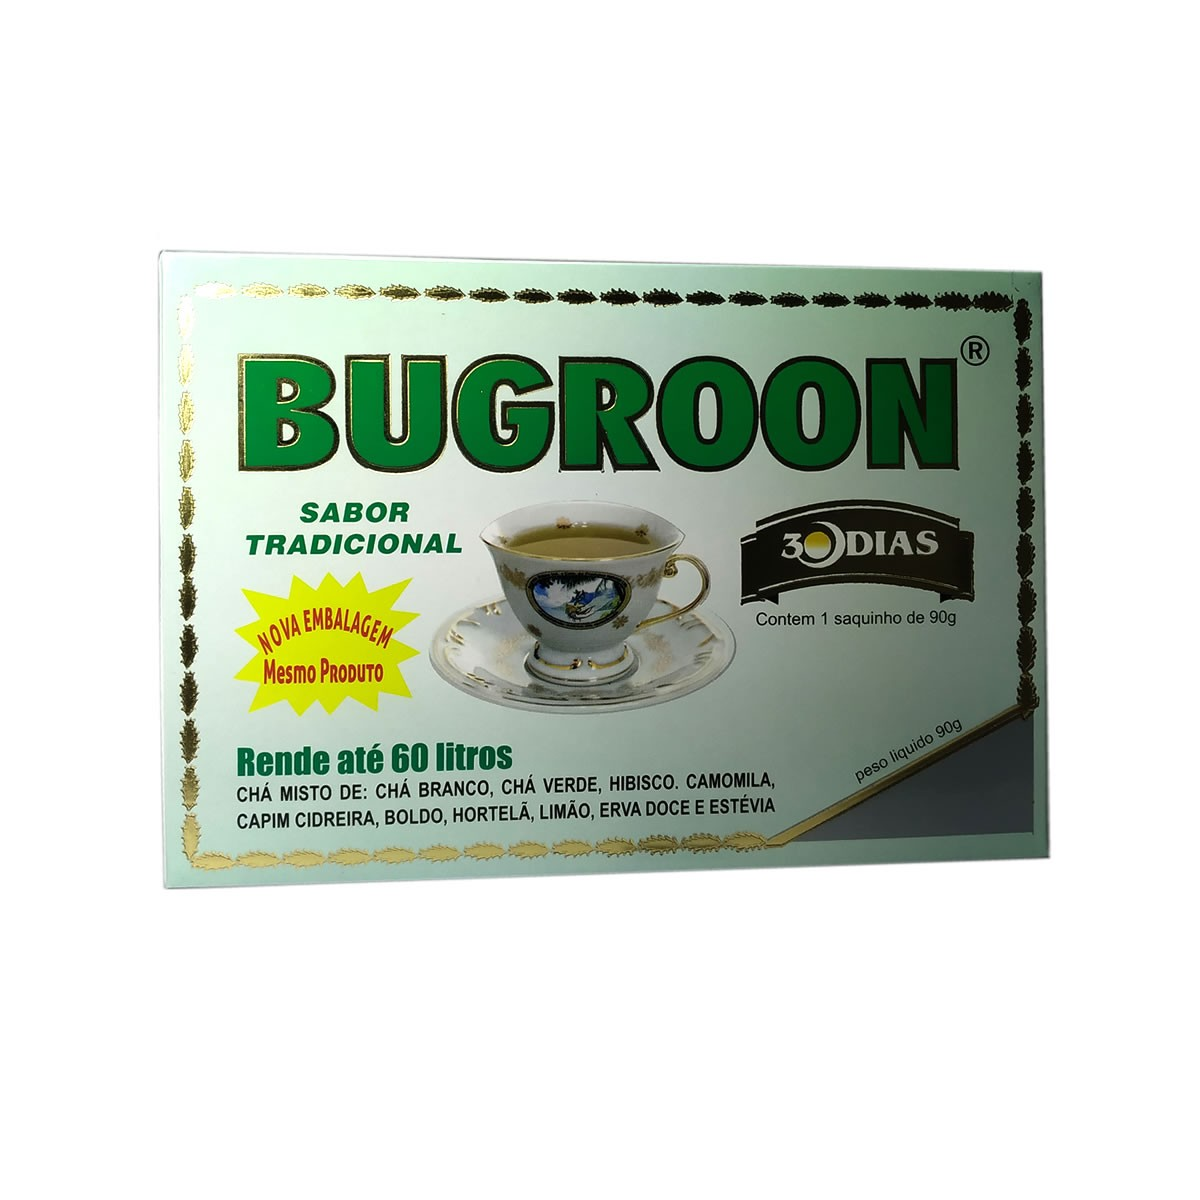 Chá Misto sabor Tradicional Saquinho de 90g - Bugroon